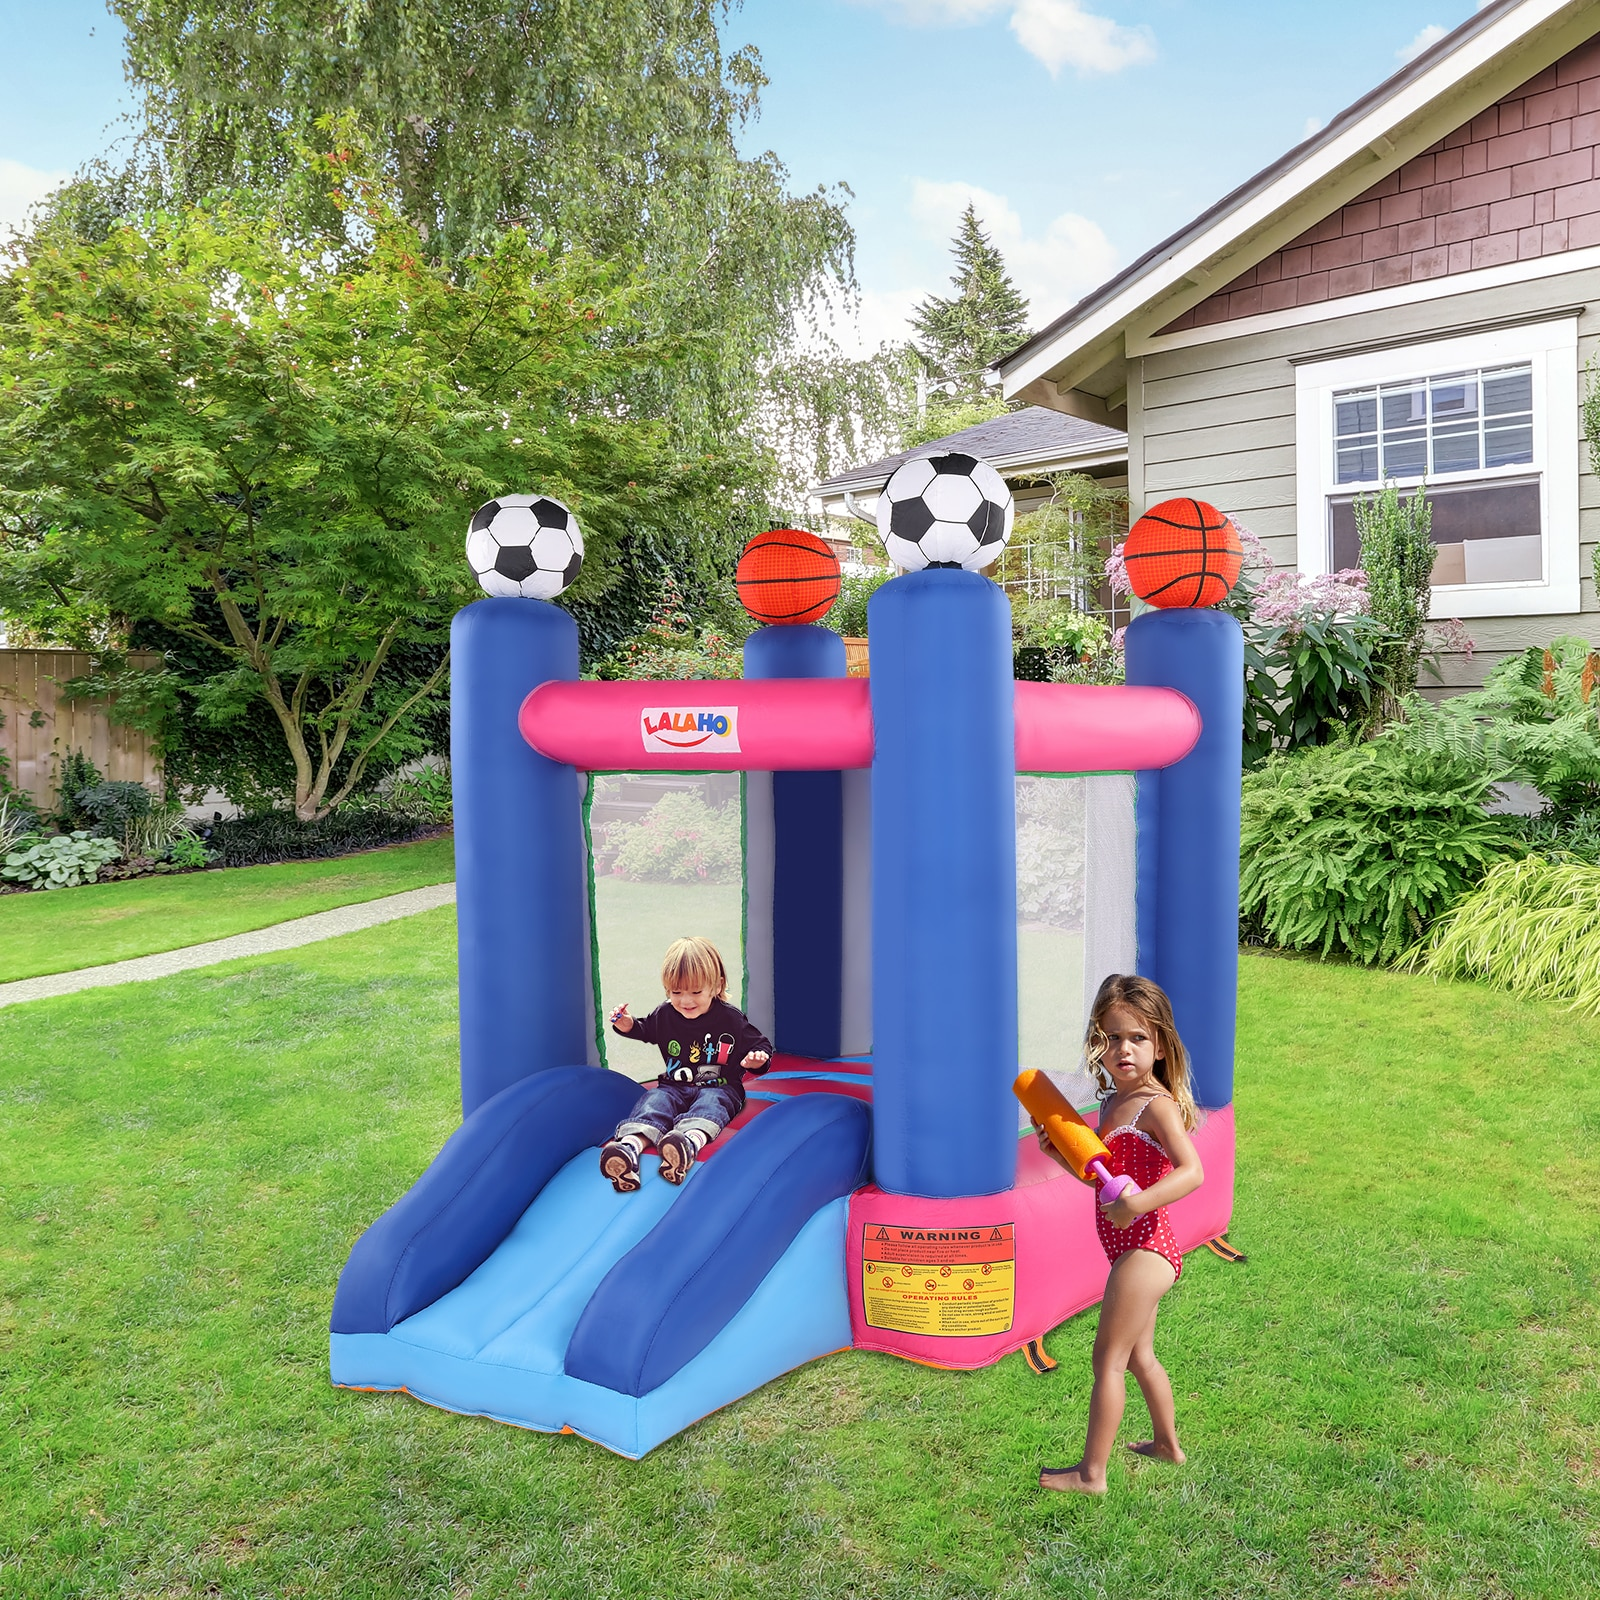 Надувные прыжки горка батут замок включают в себя воздуходувка баскетбольное кольцо шары открытый сад вечерние с изображением популярной ...